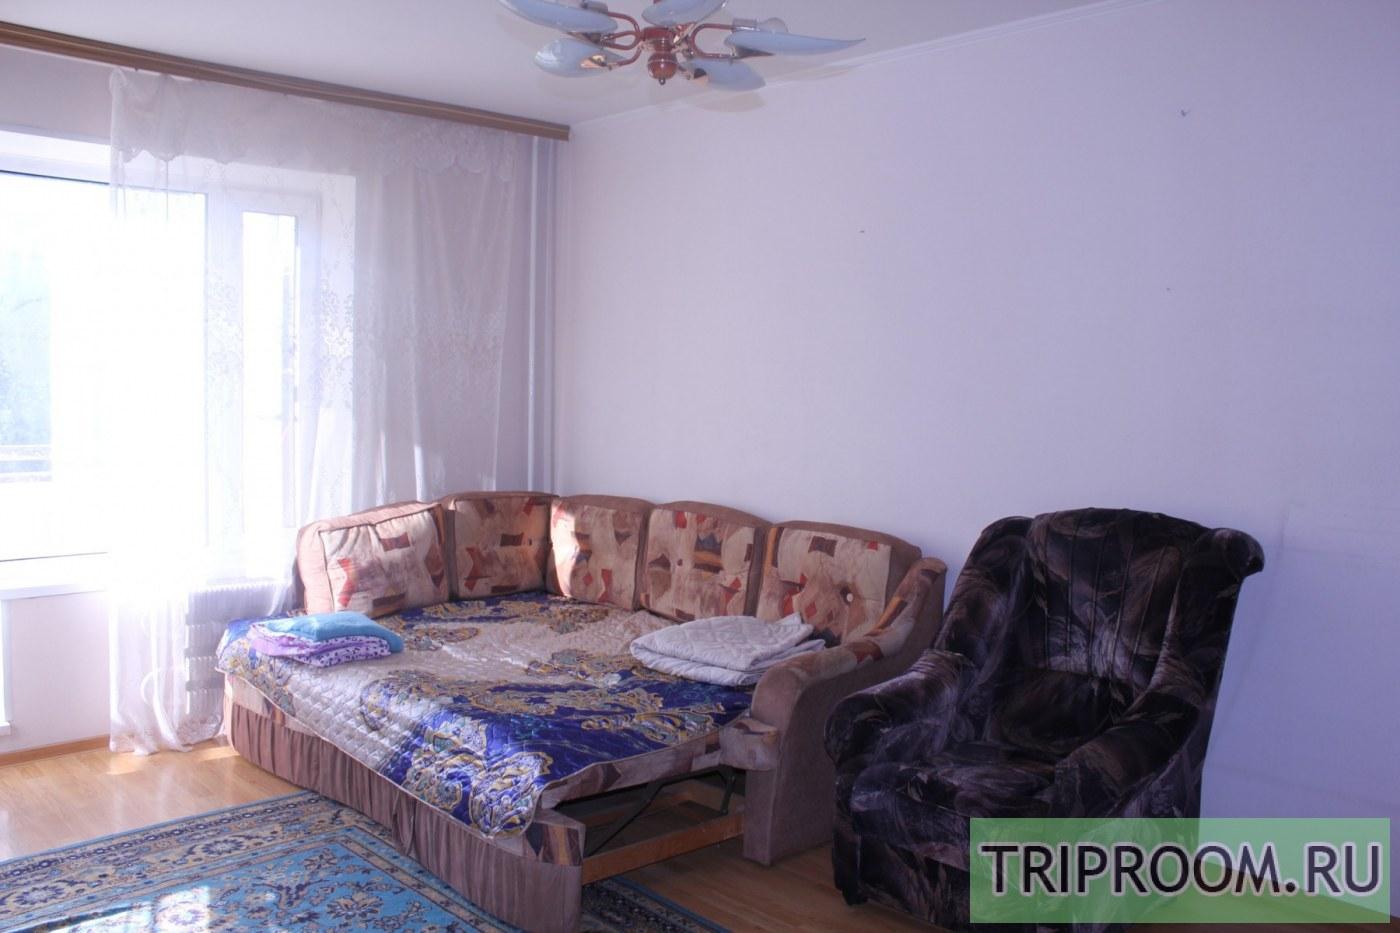 1-комнатная квартира посуточно (вариант № 40541), ул. Ореховый бульвар, фото № 5